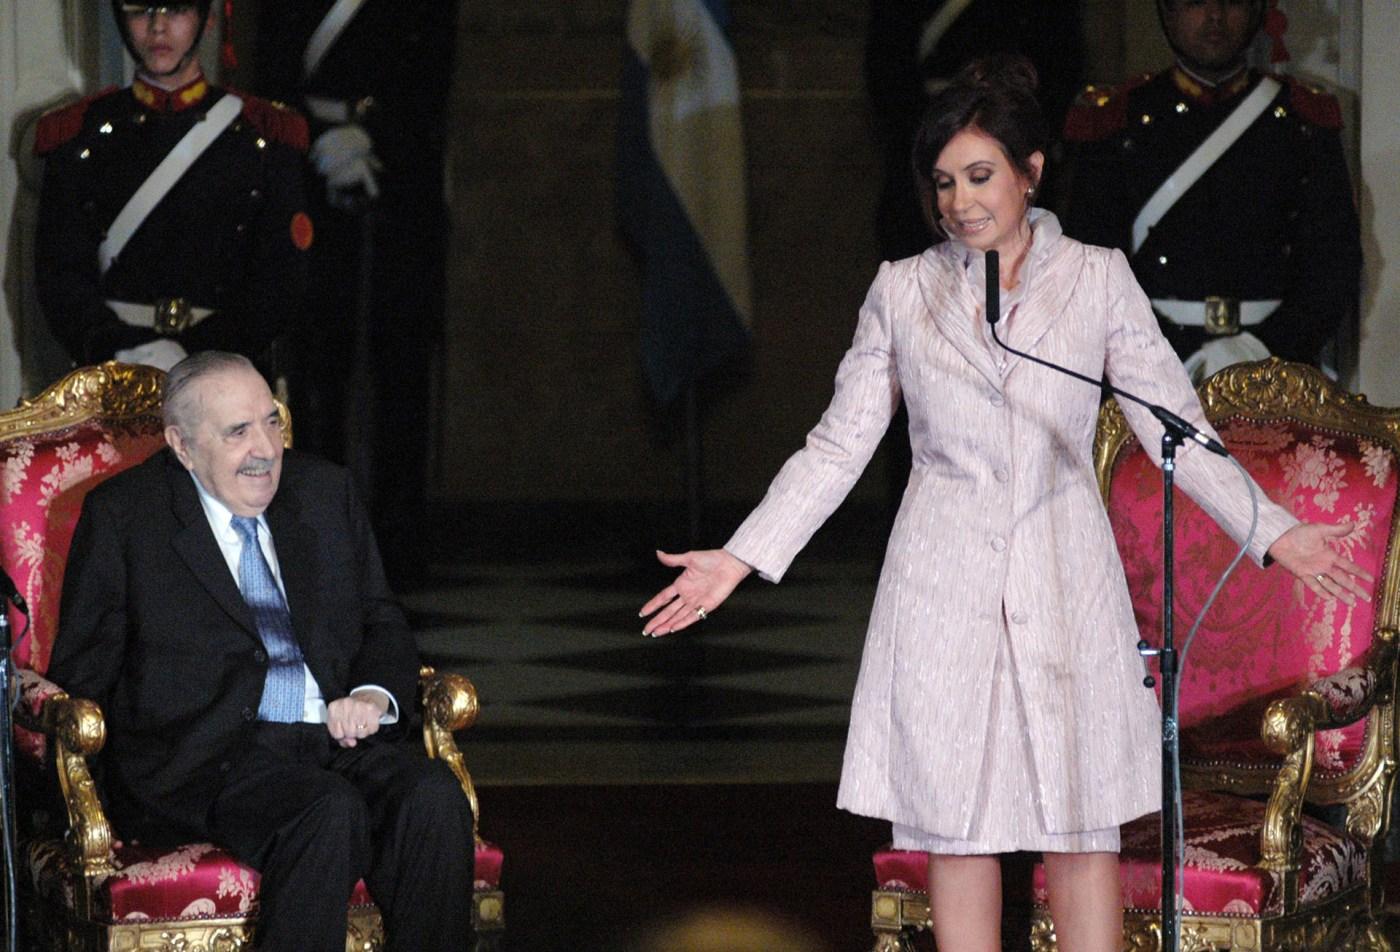 En octubre de 2008 la entonces presidenta Cristina Fernandez de Kirchner encabezó un acto juntoal ex presidente en el Salón de Bustos de la Casa Rosada, donde fue descubierto un monumento en su homenaje